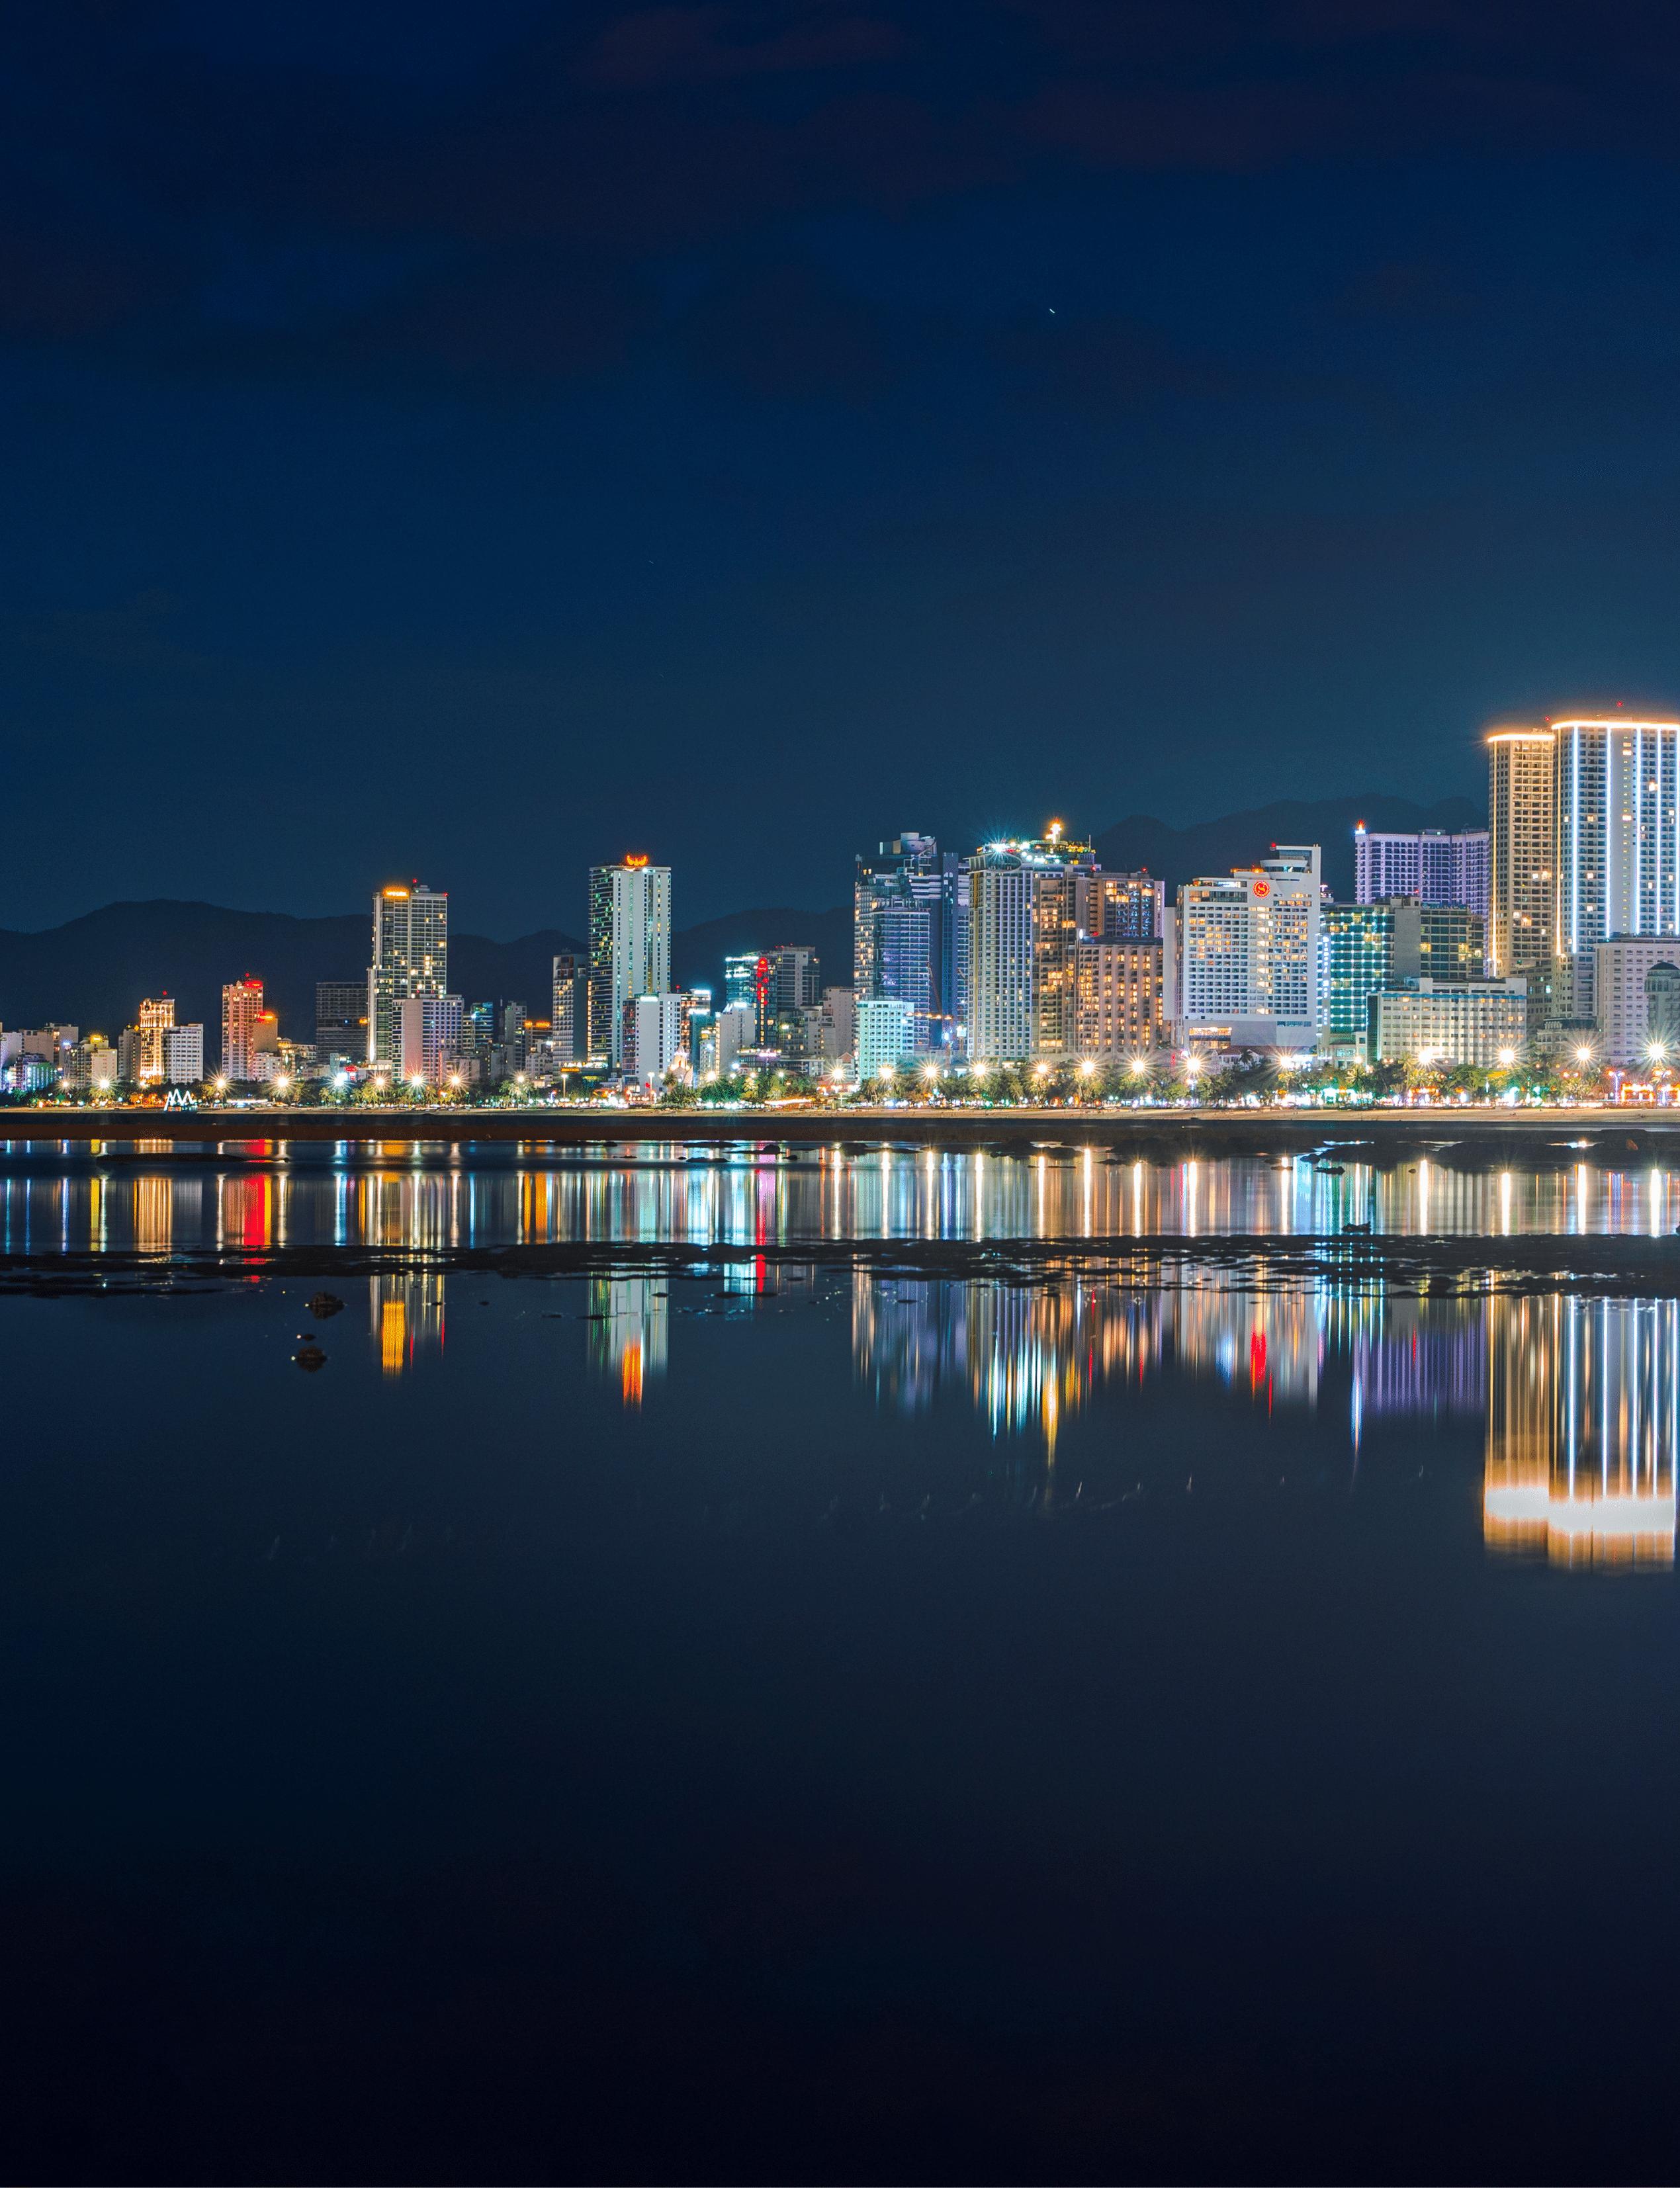 271- Nha Trang City By night – Lê Đăng